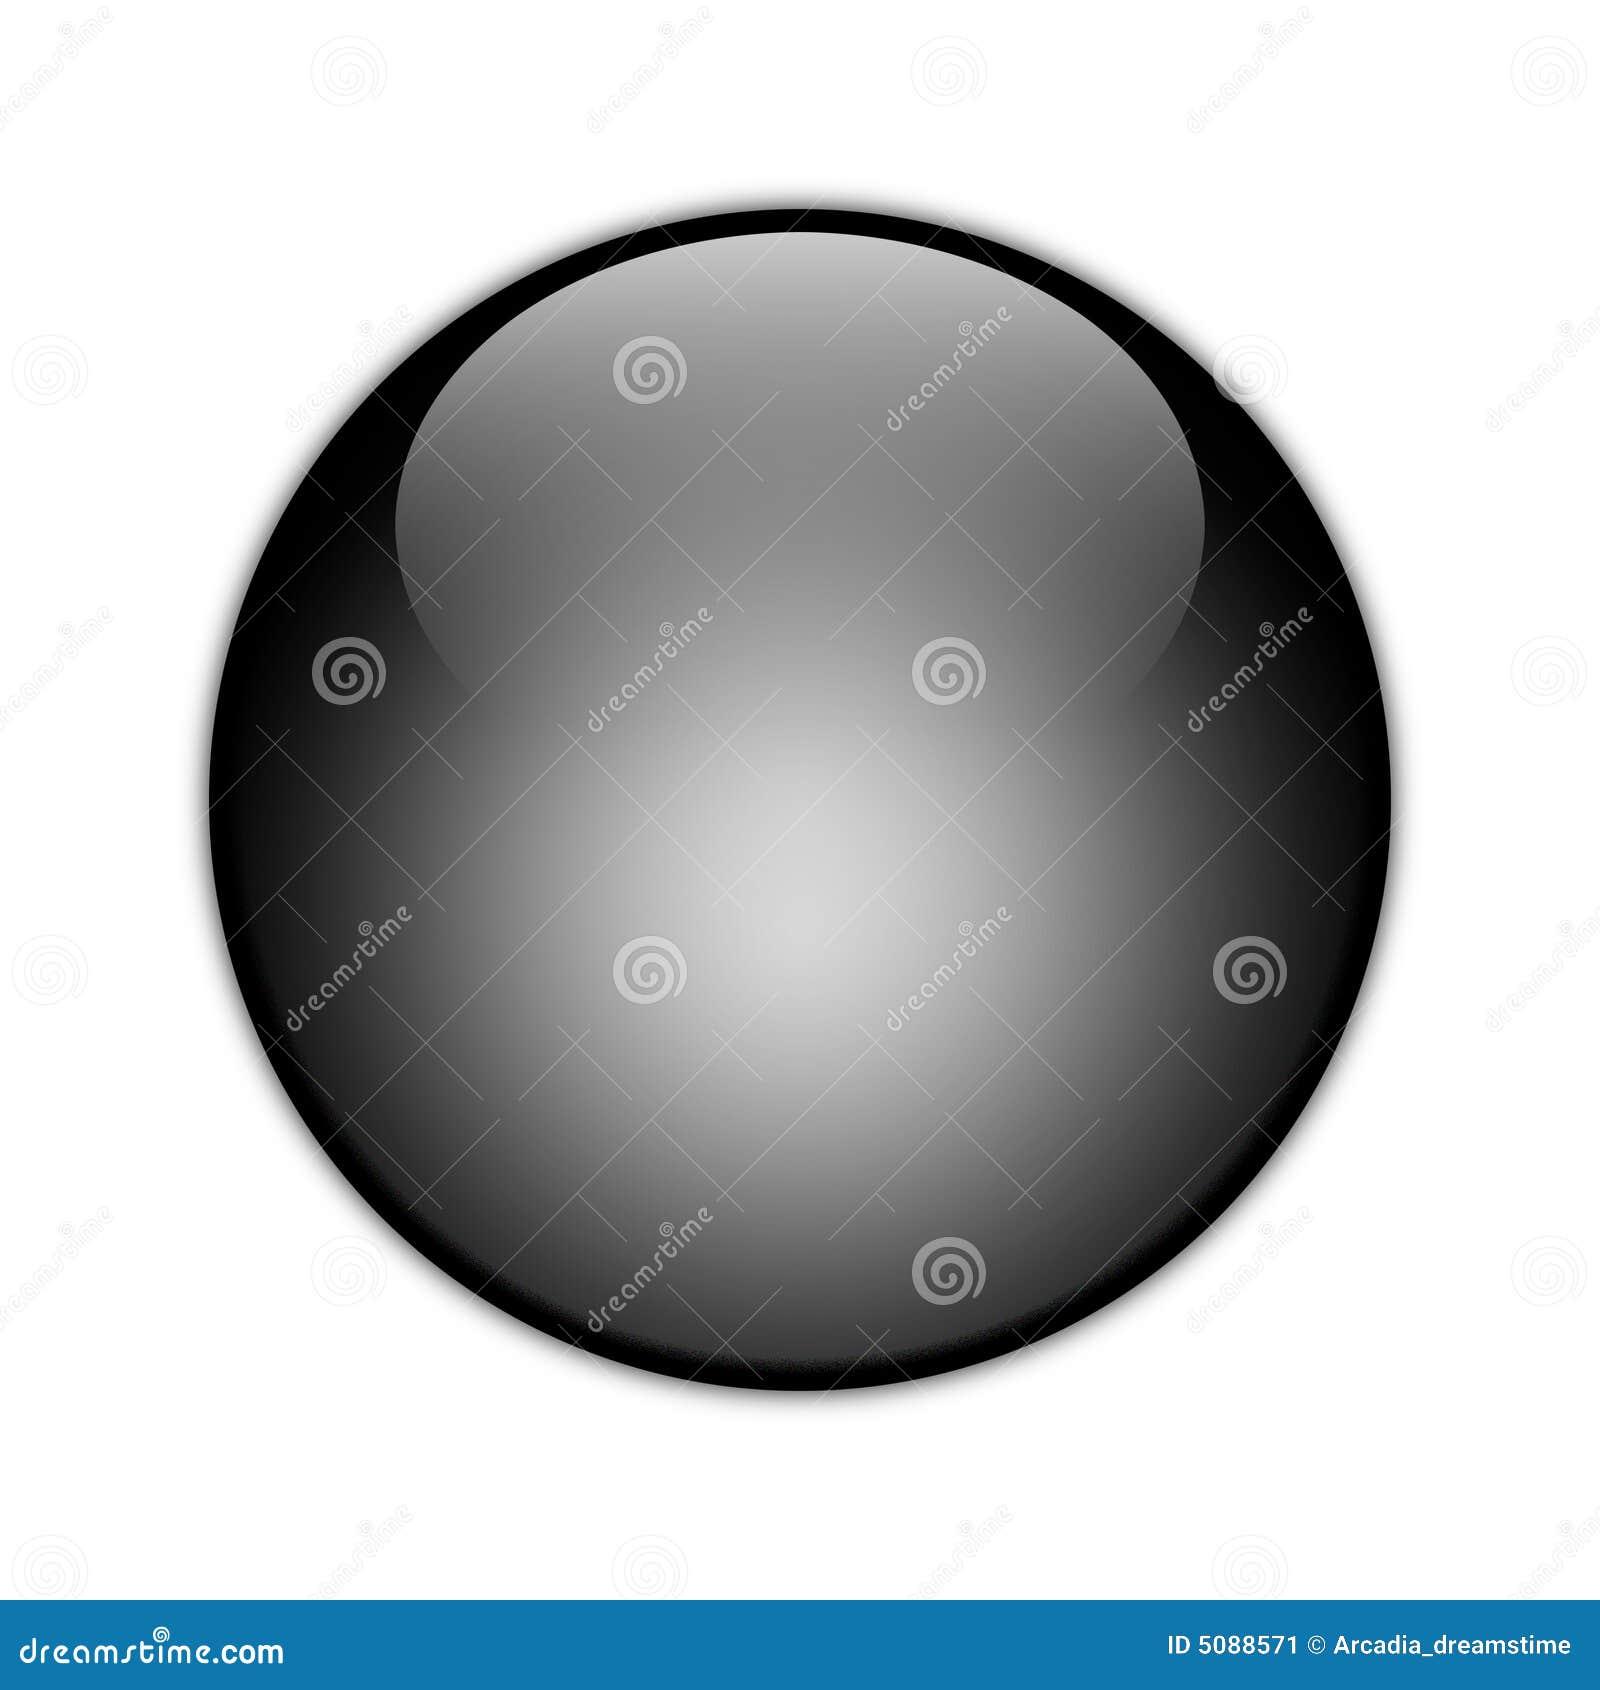 Kugel Schwarze Kugel 01 Stockbild Bild 5088571